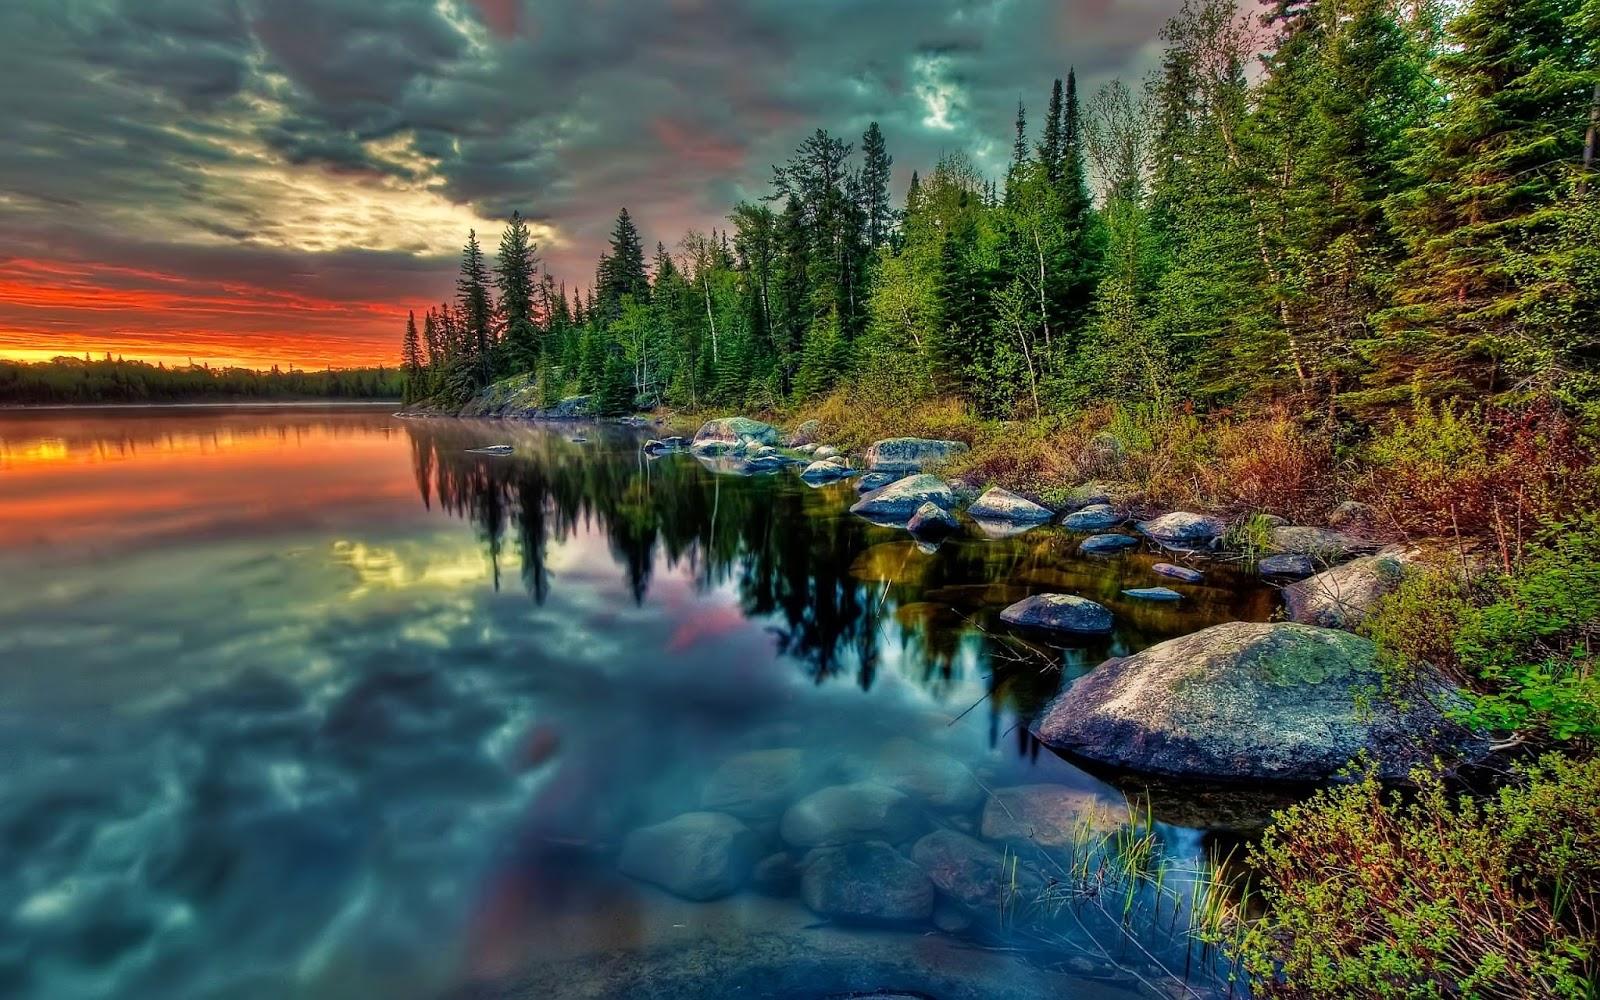 DESKTOP HD WALLPAPERS: BEAUTIFUL NATURE HD WALLPAPERS 1080p